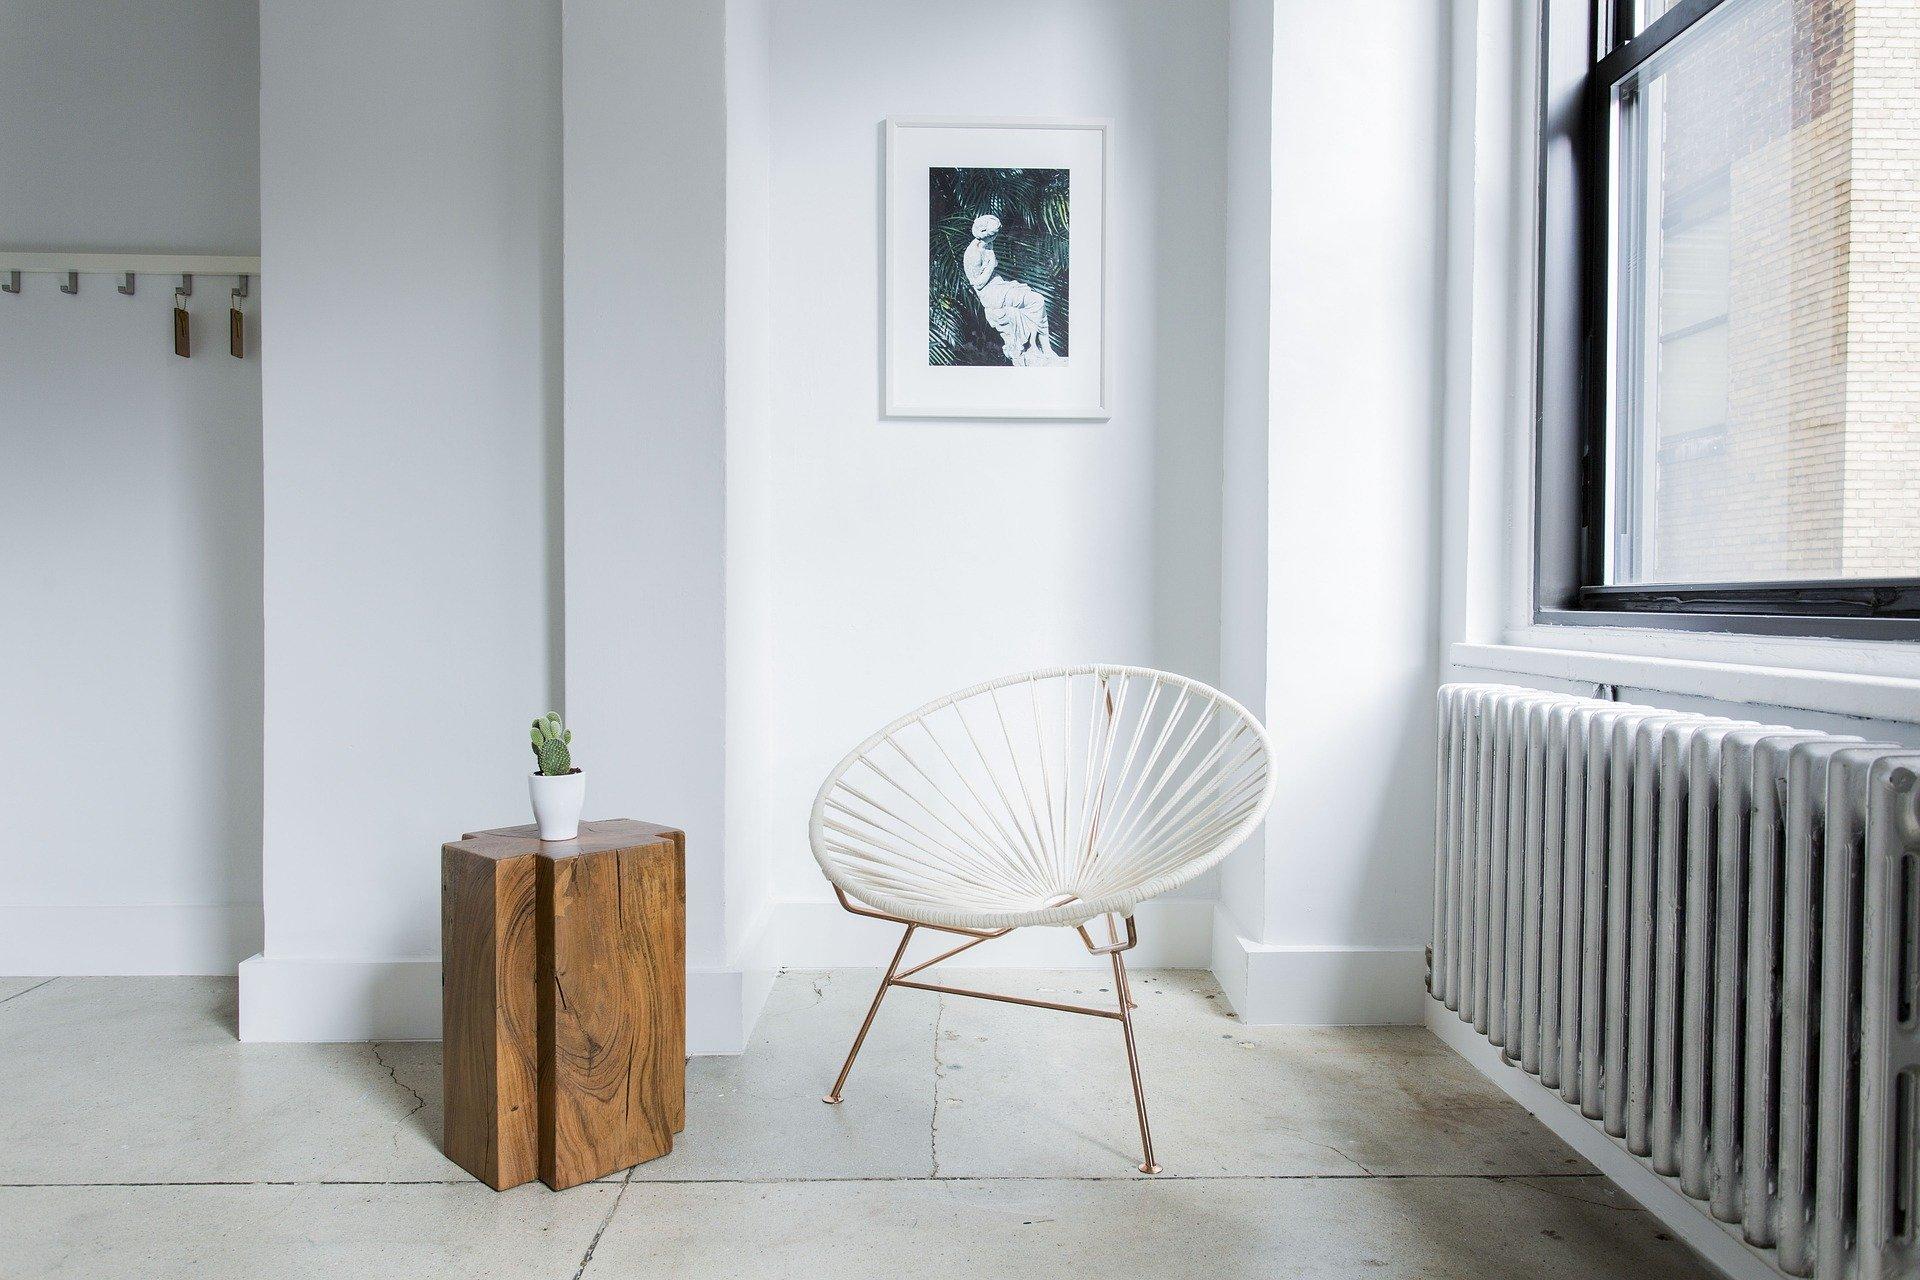 Farby ekologiczne - czym pomalować ściany w pokoju dziennym?